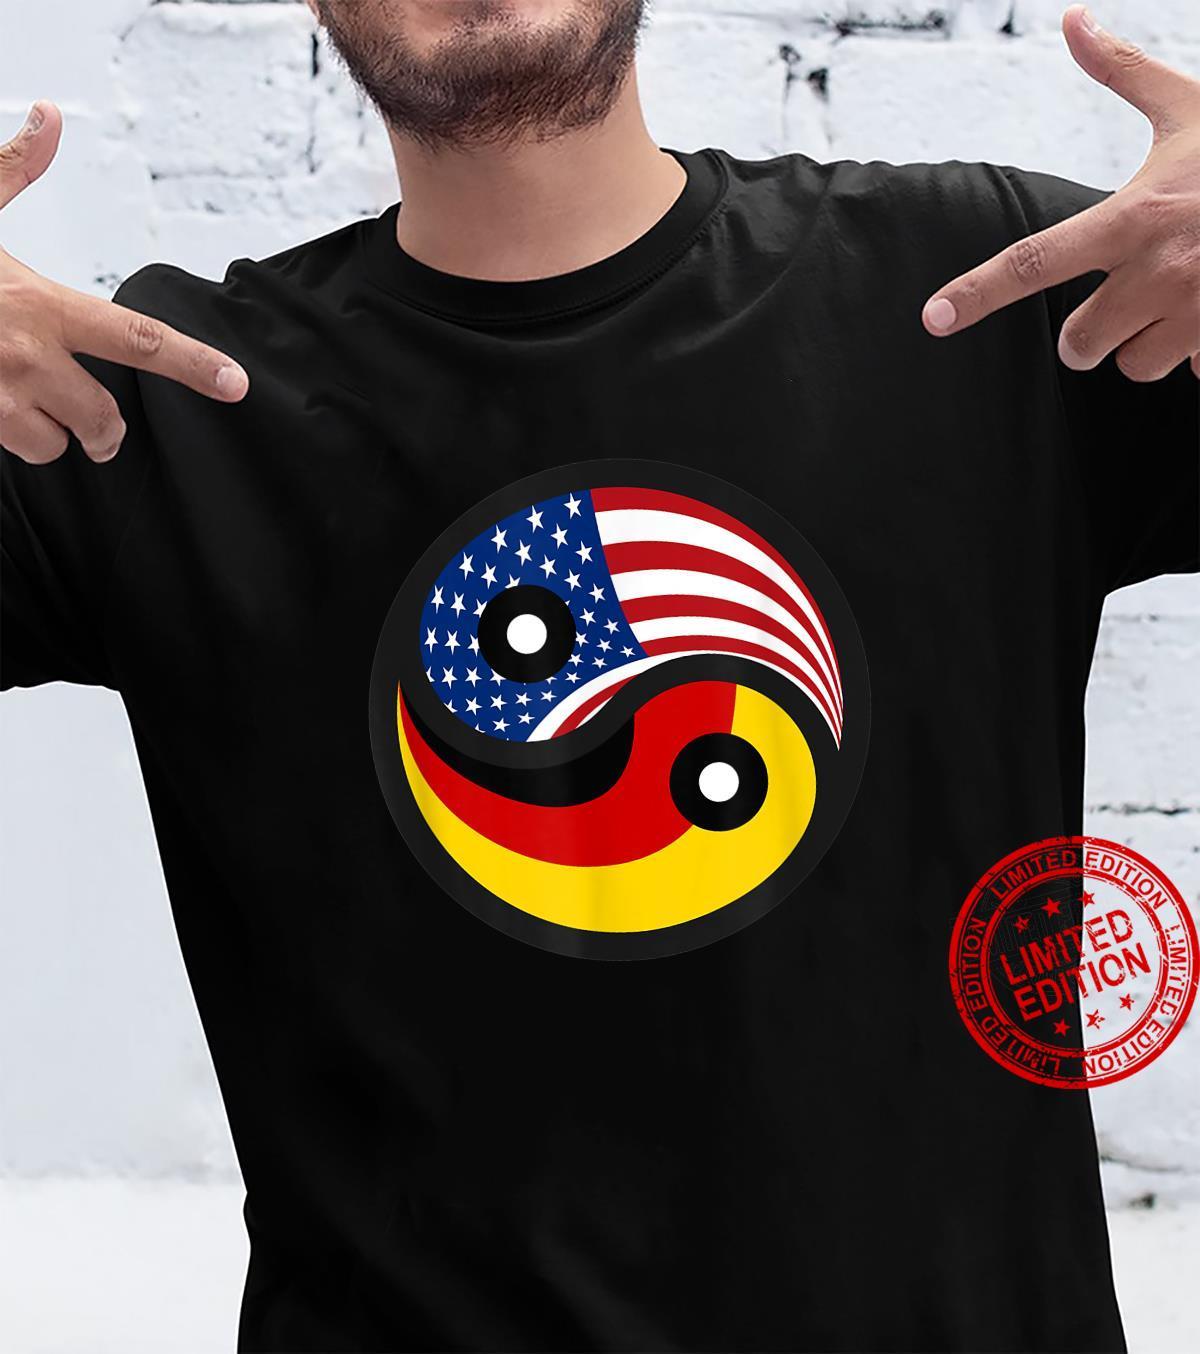 Deutschland & USA DeutschAmerikanische Flagge Fahne Shirt